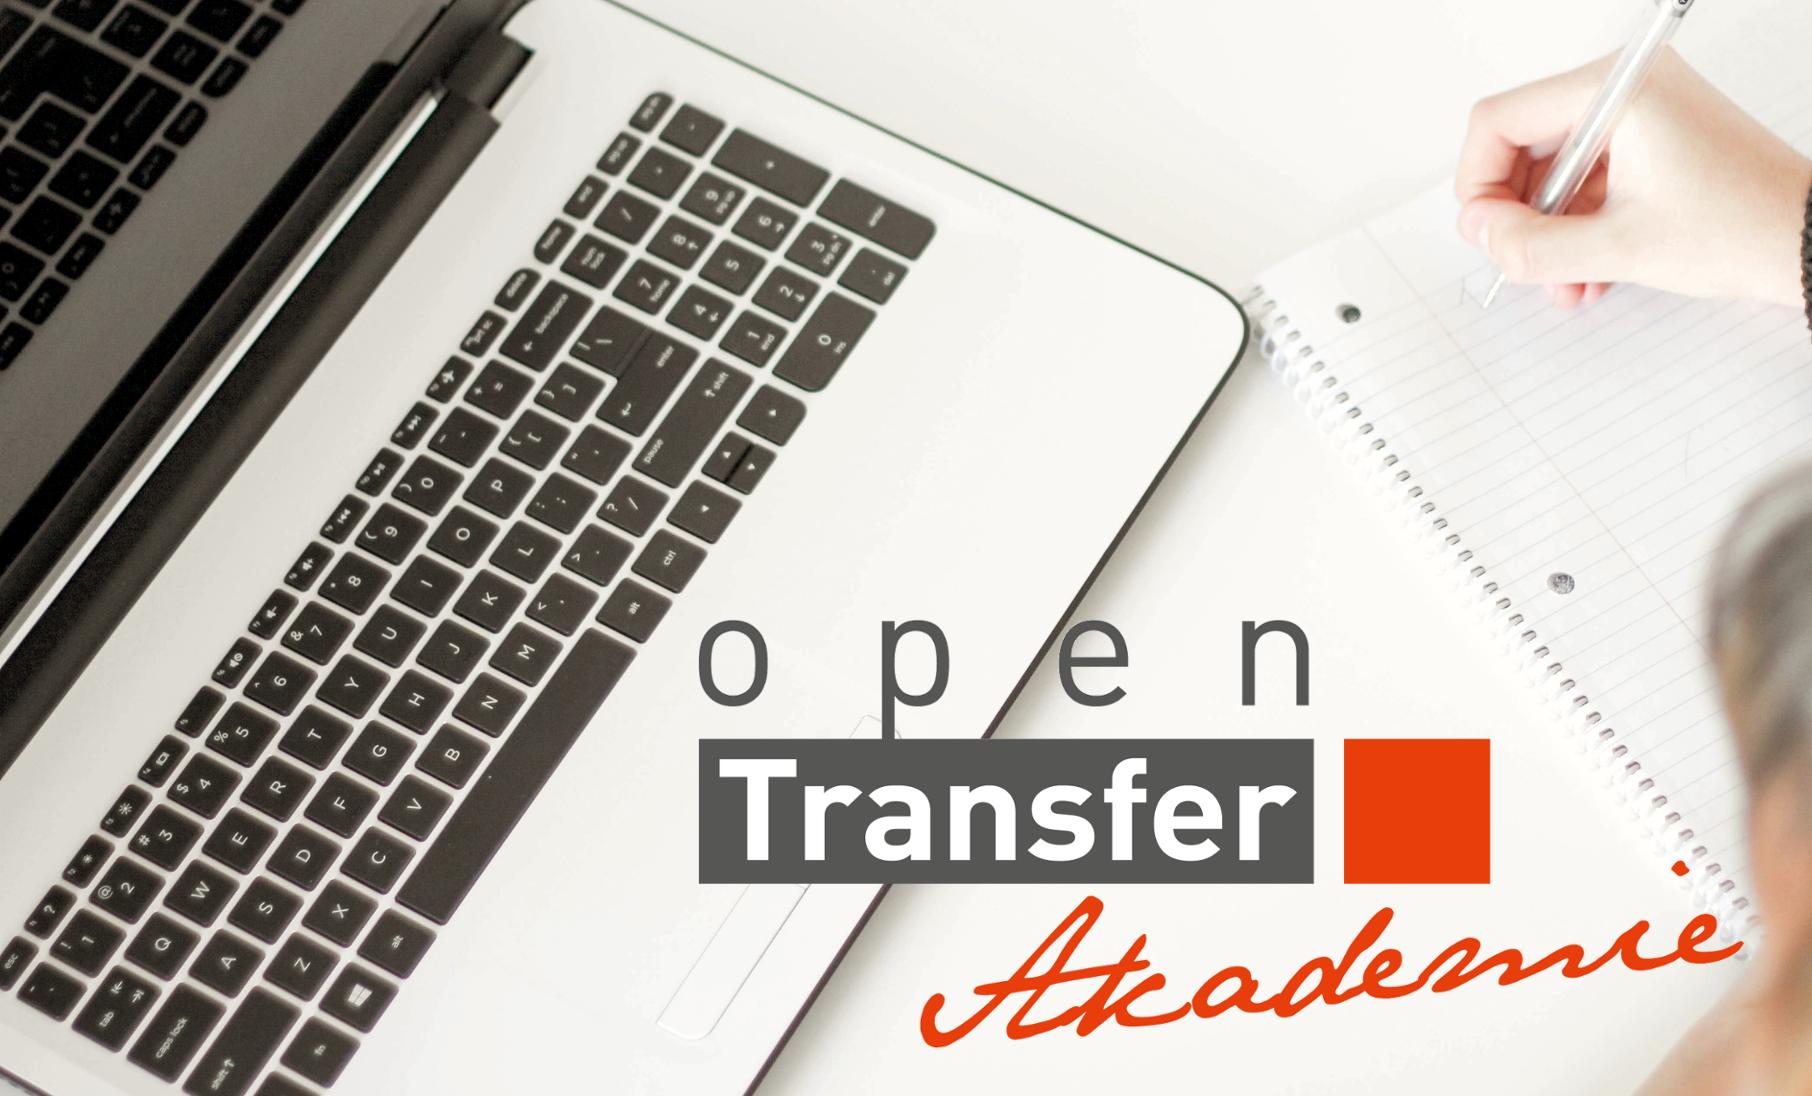 Links im Bild ein aufgeklappter Laptop, rechts eine Person, die sich auf einem Blatt Papier Notizen macht, davor das Logo der openTransfer Akademie